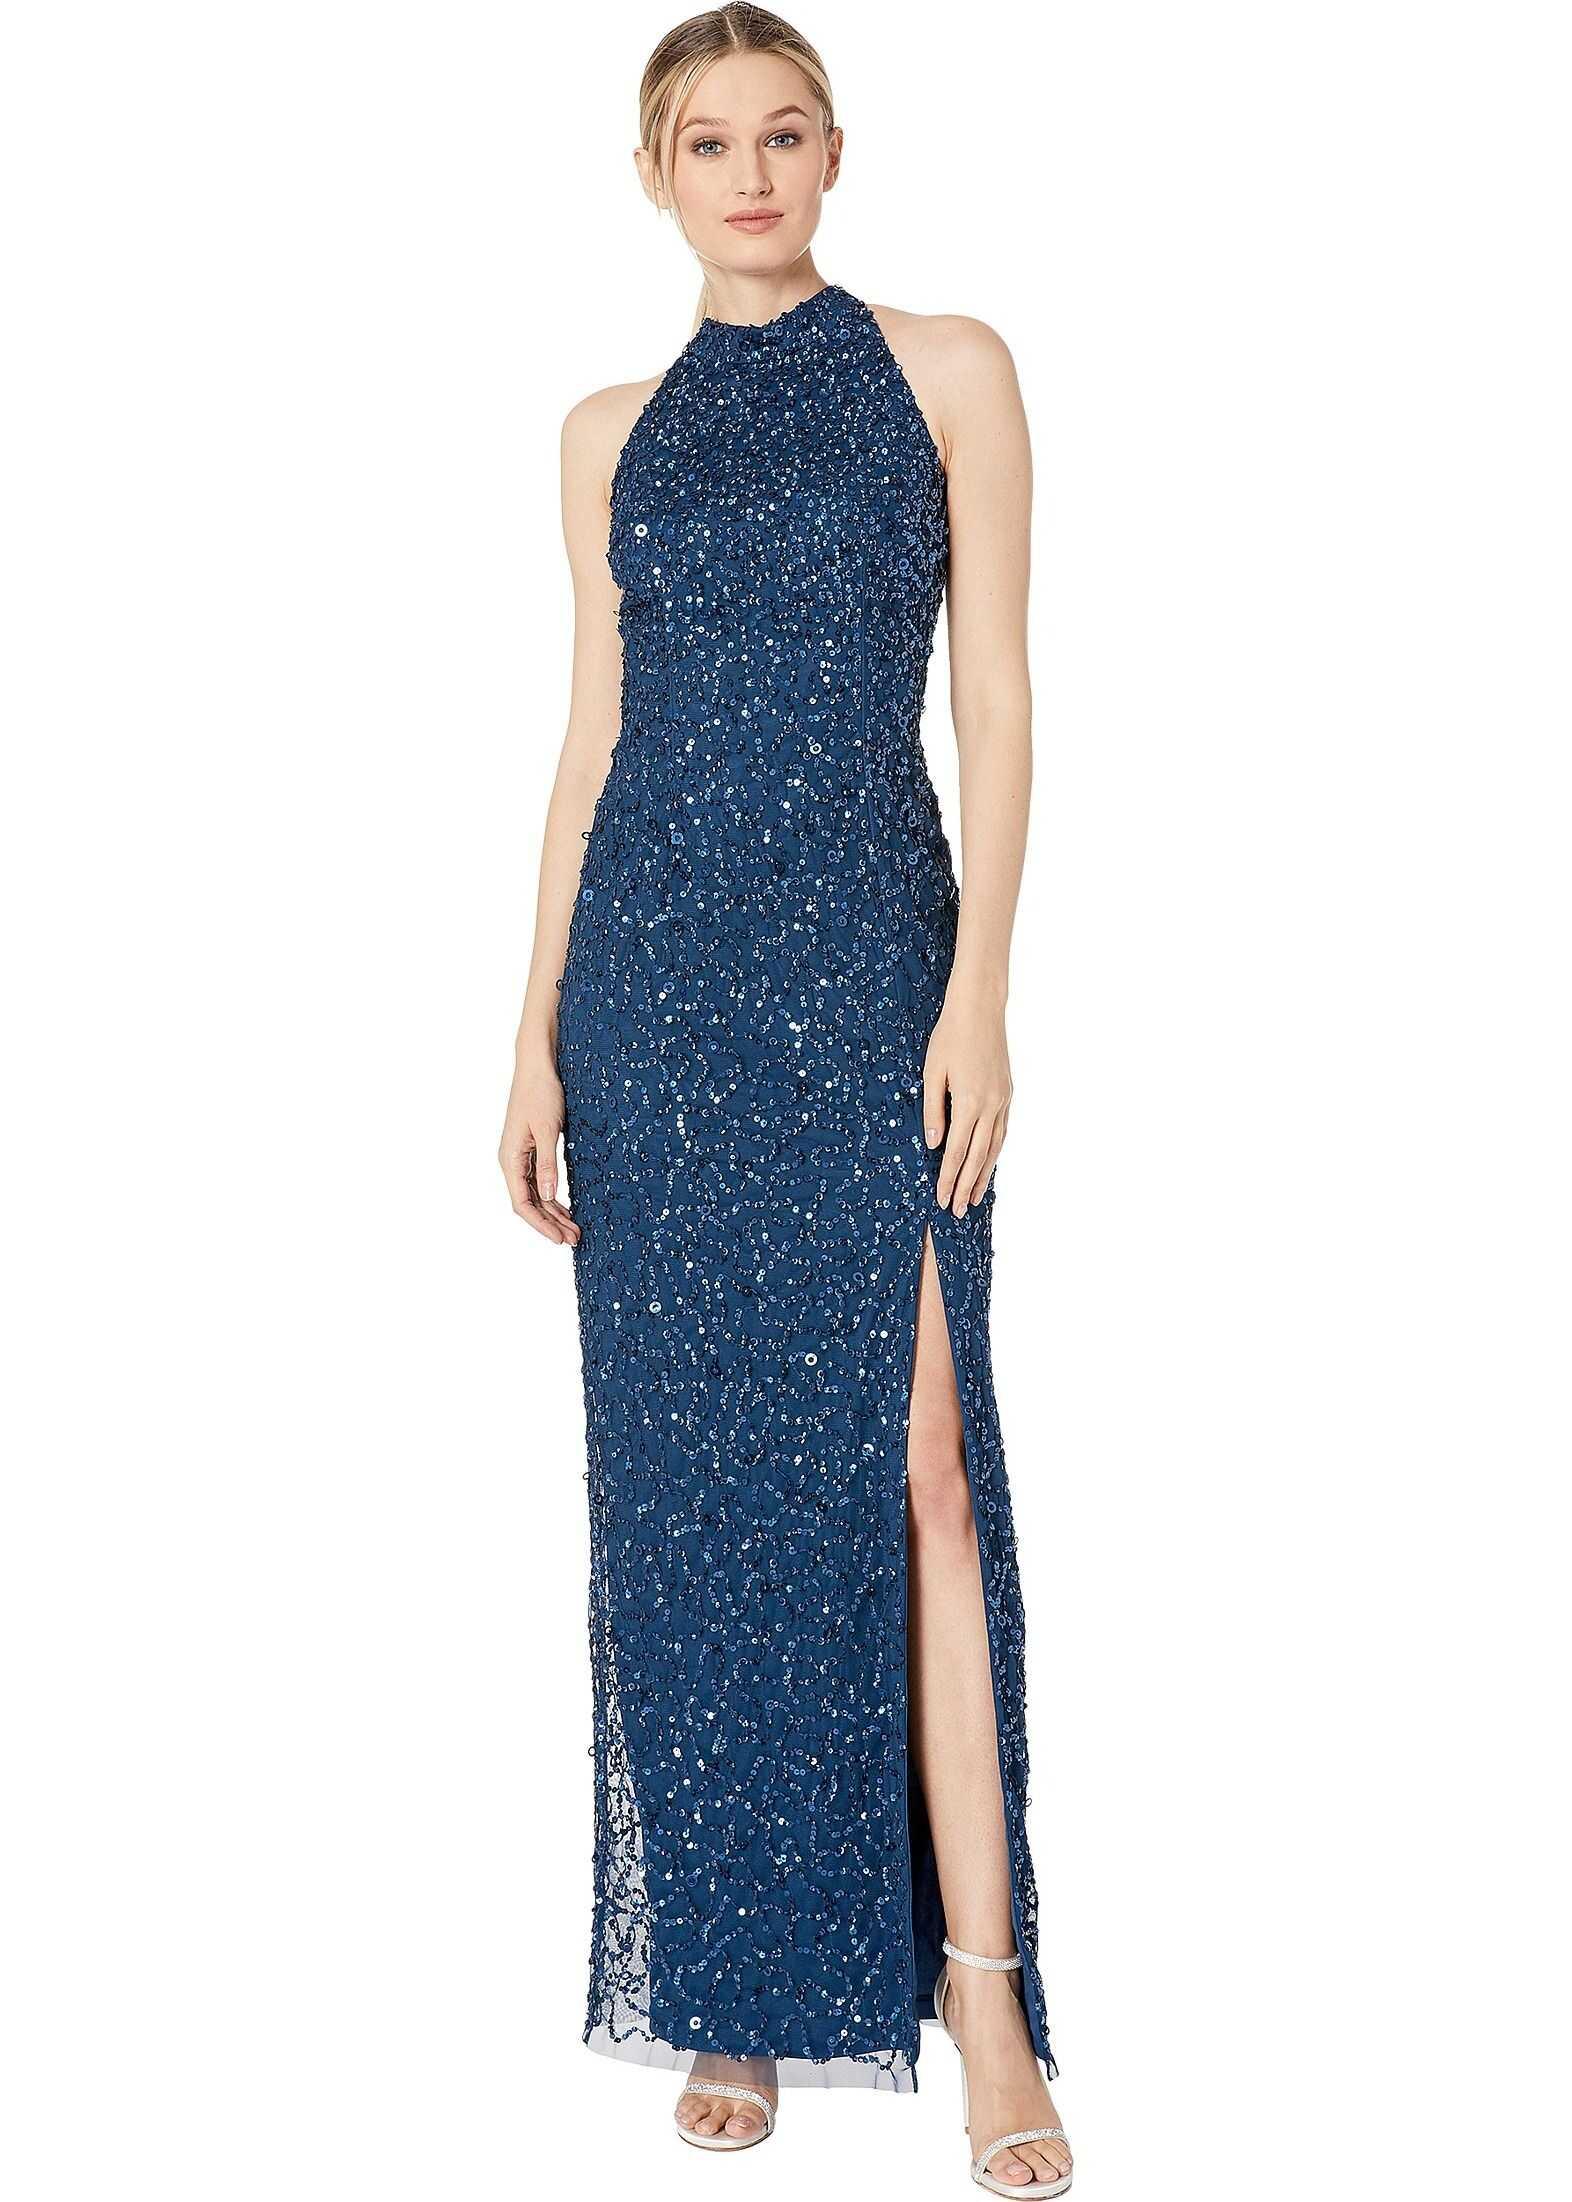 Adrianna Papell Beaded Column Halter Evening Gown Deep Blue